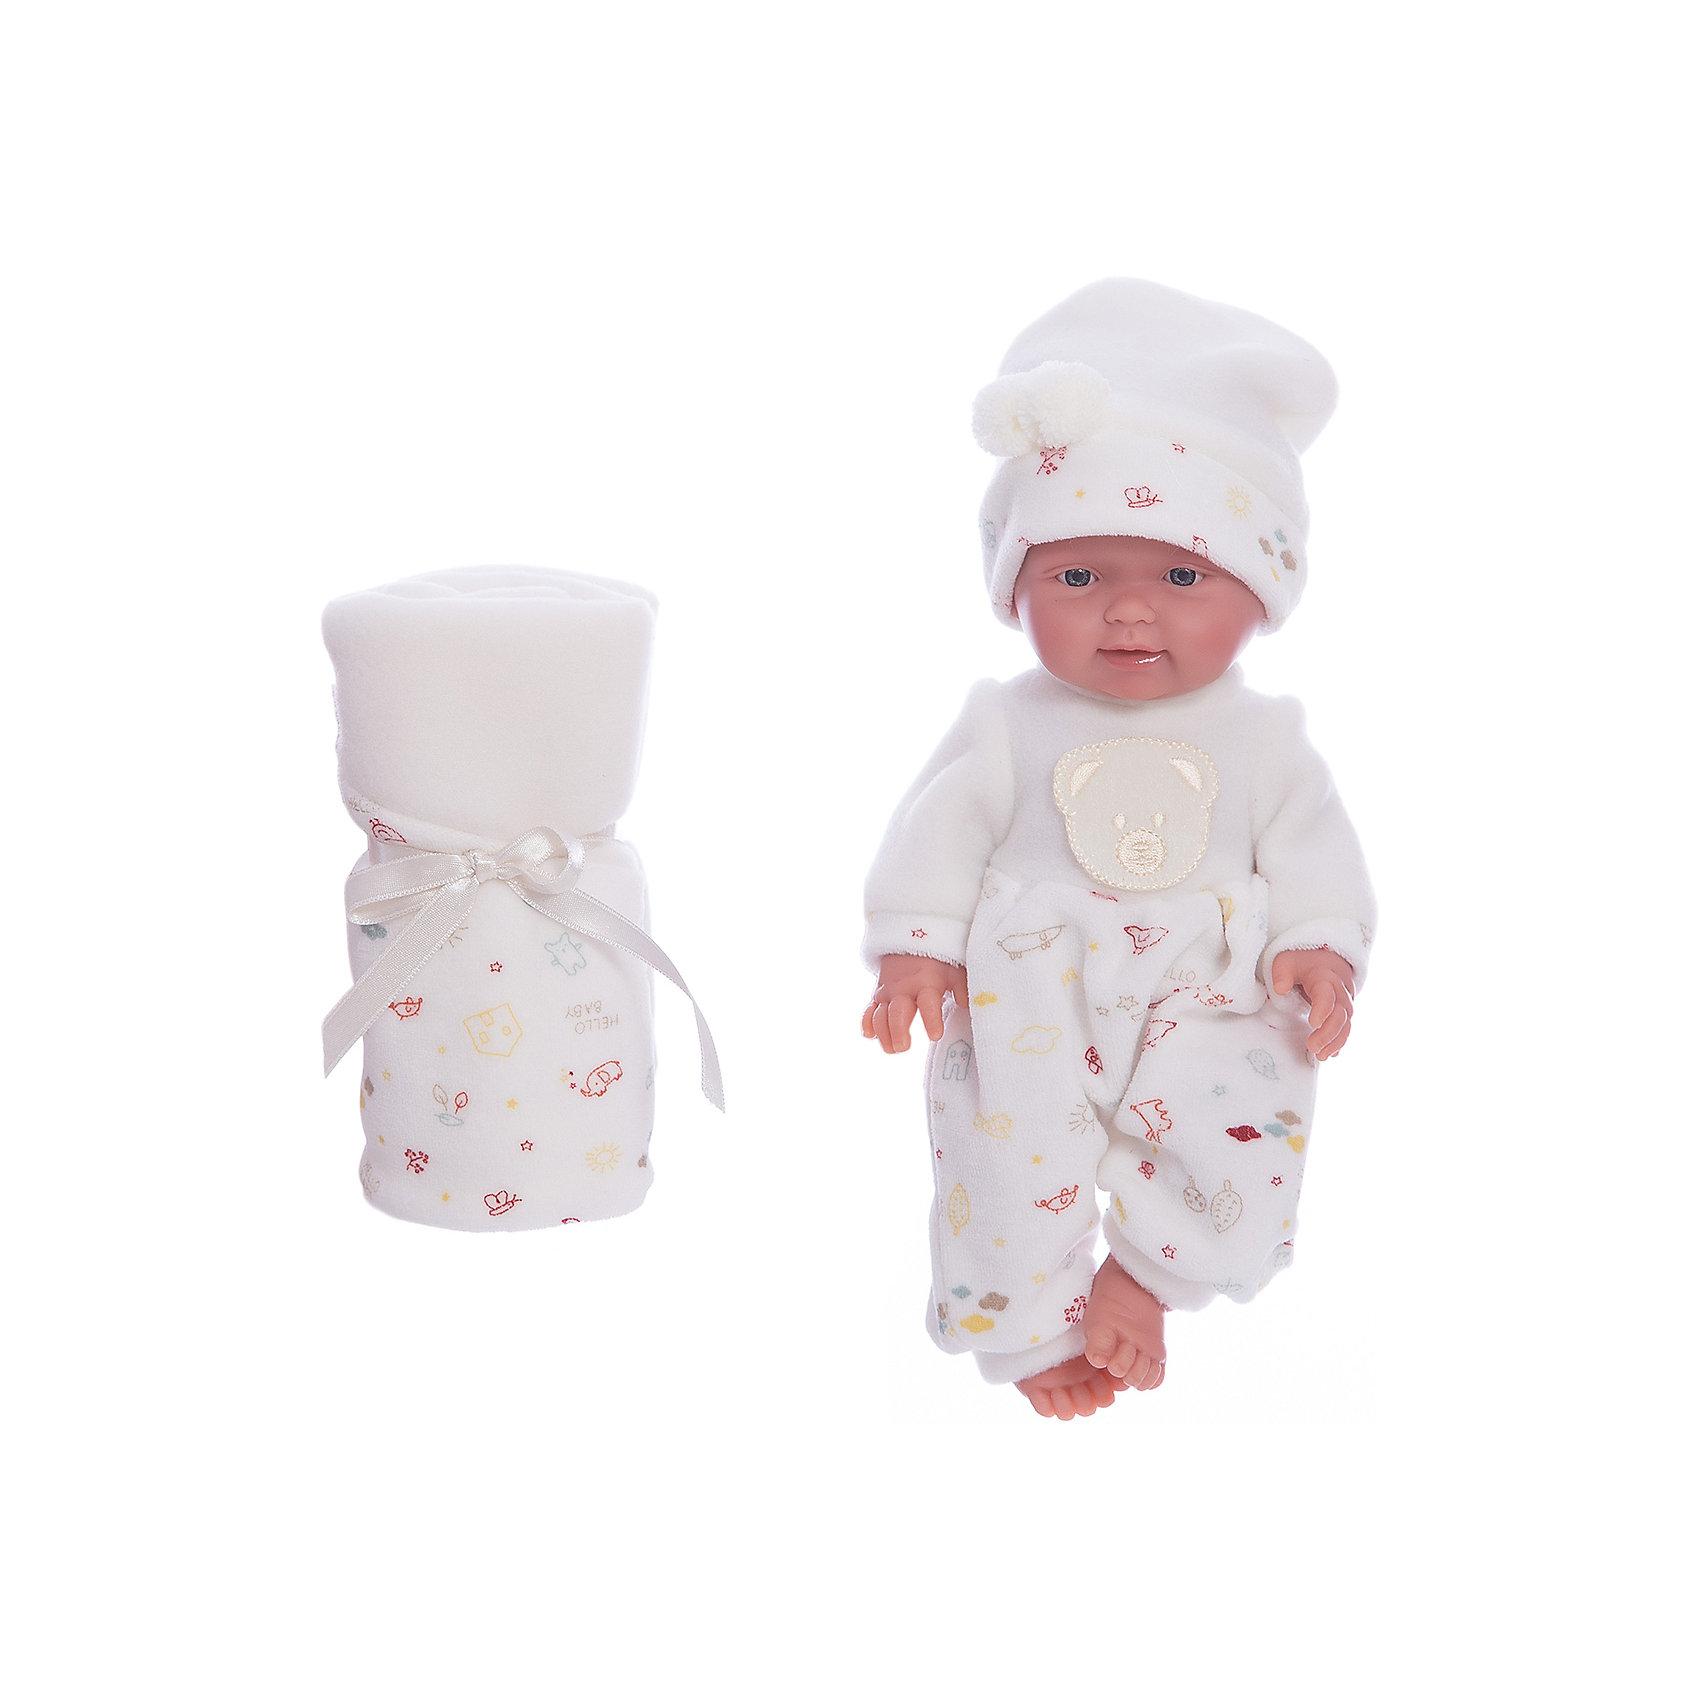 Llorens Кукла Бэбитоc одеялом, 26 см, Llorens куклы и одежда для кукол llorens кукла изабела 33 см со звуком